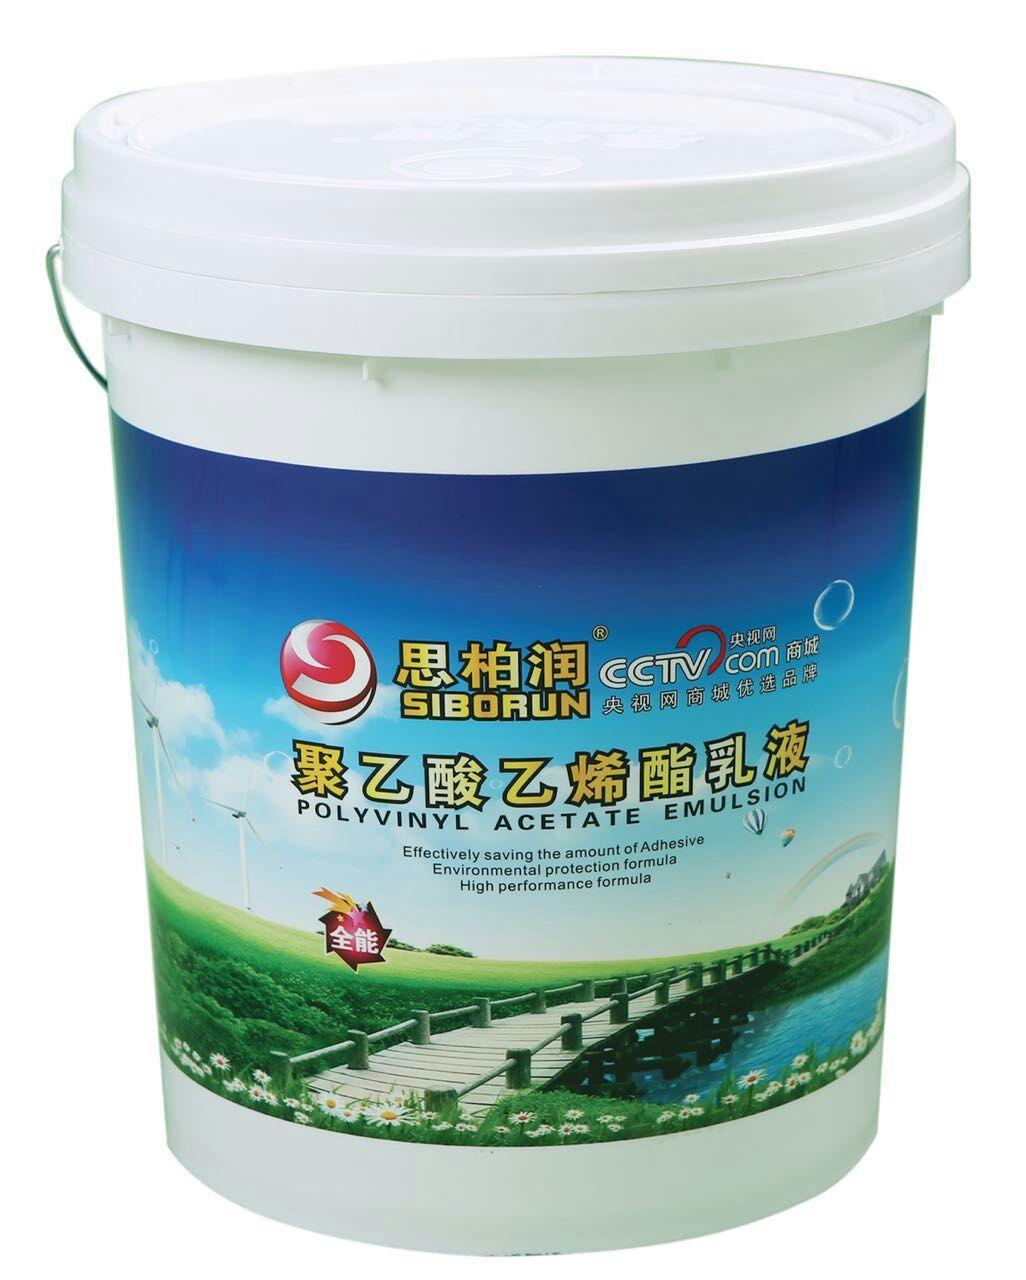 白乳胶供应商|订购白乳胶